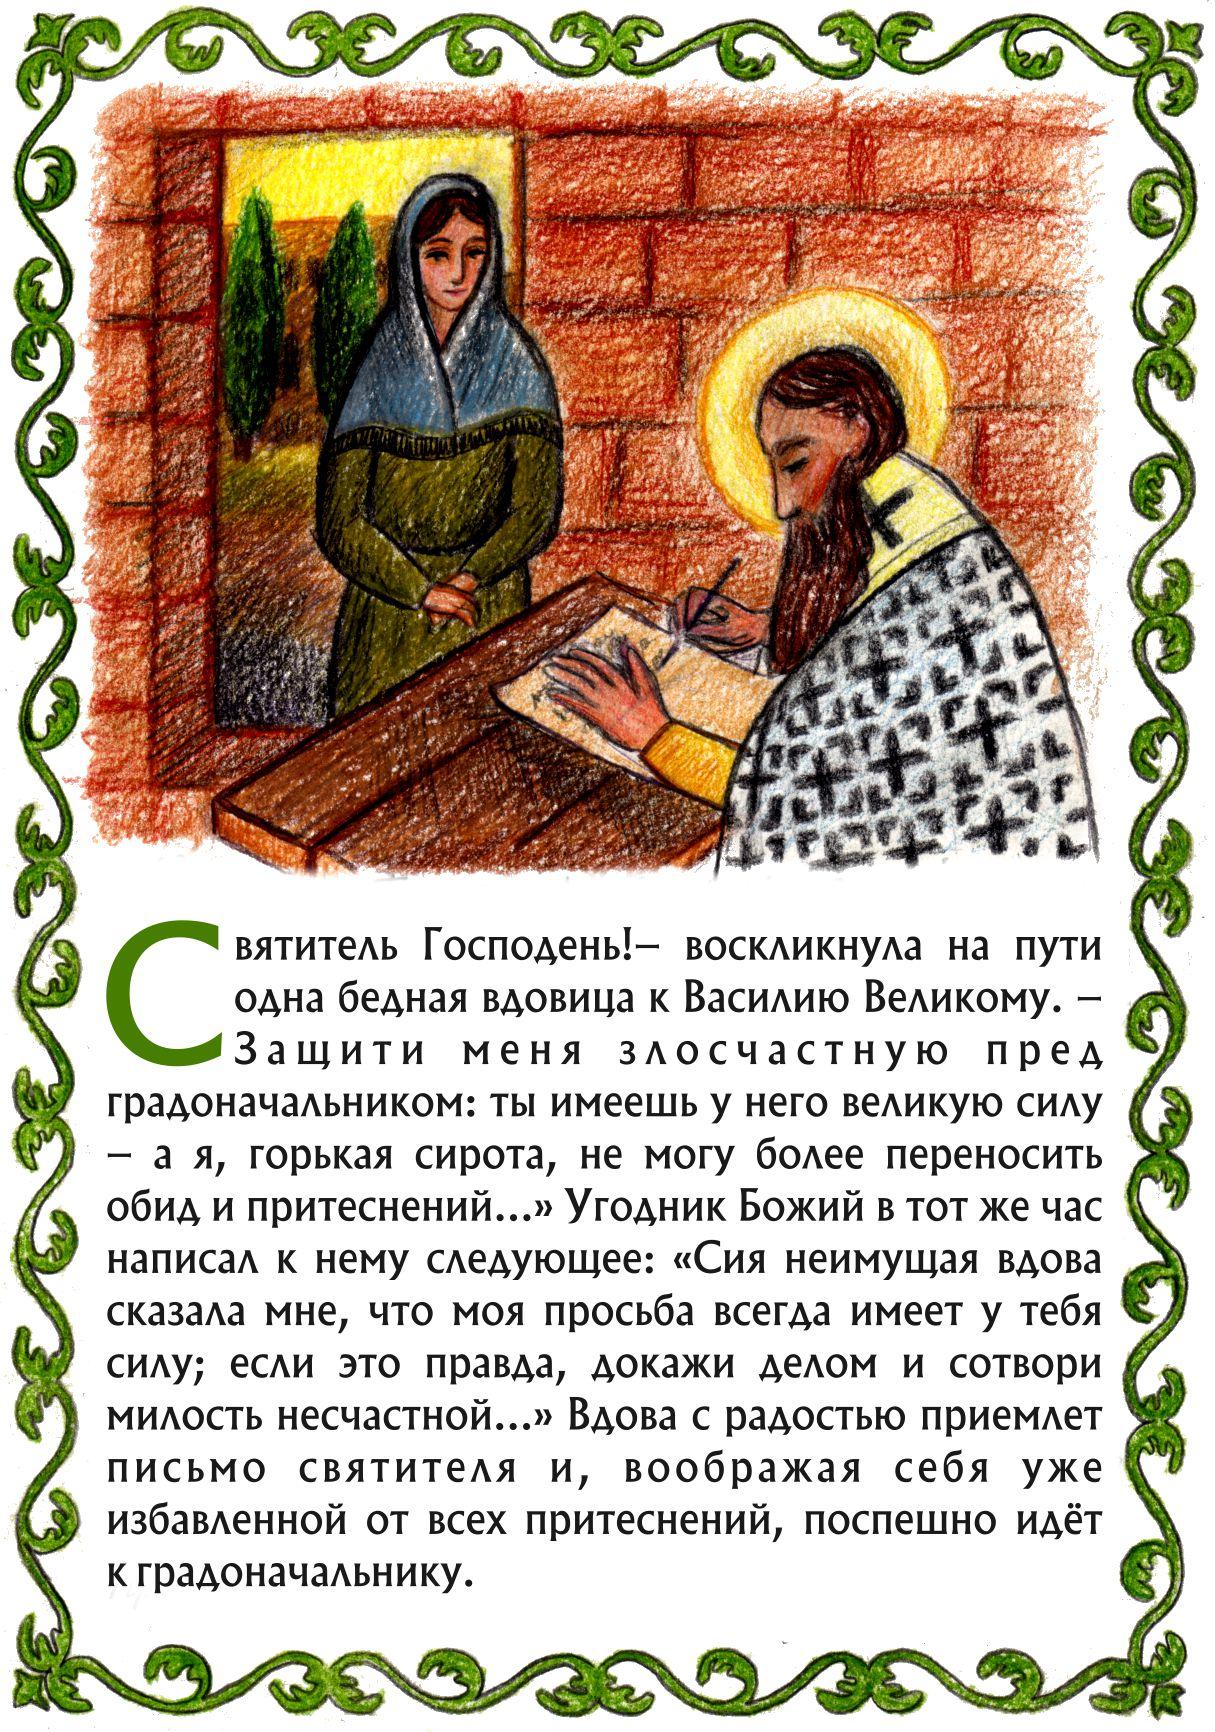 nvv 2 - Незлобие Василия Великого